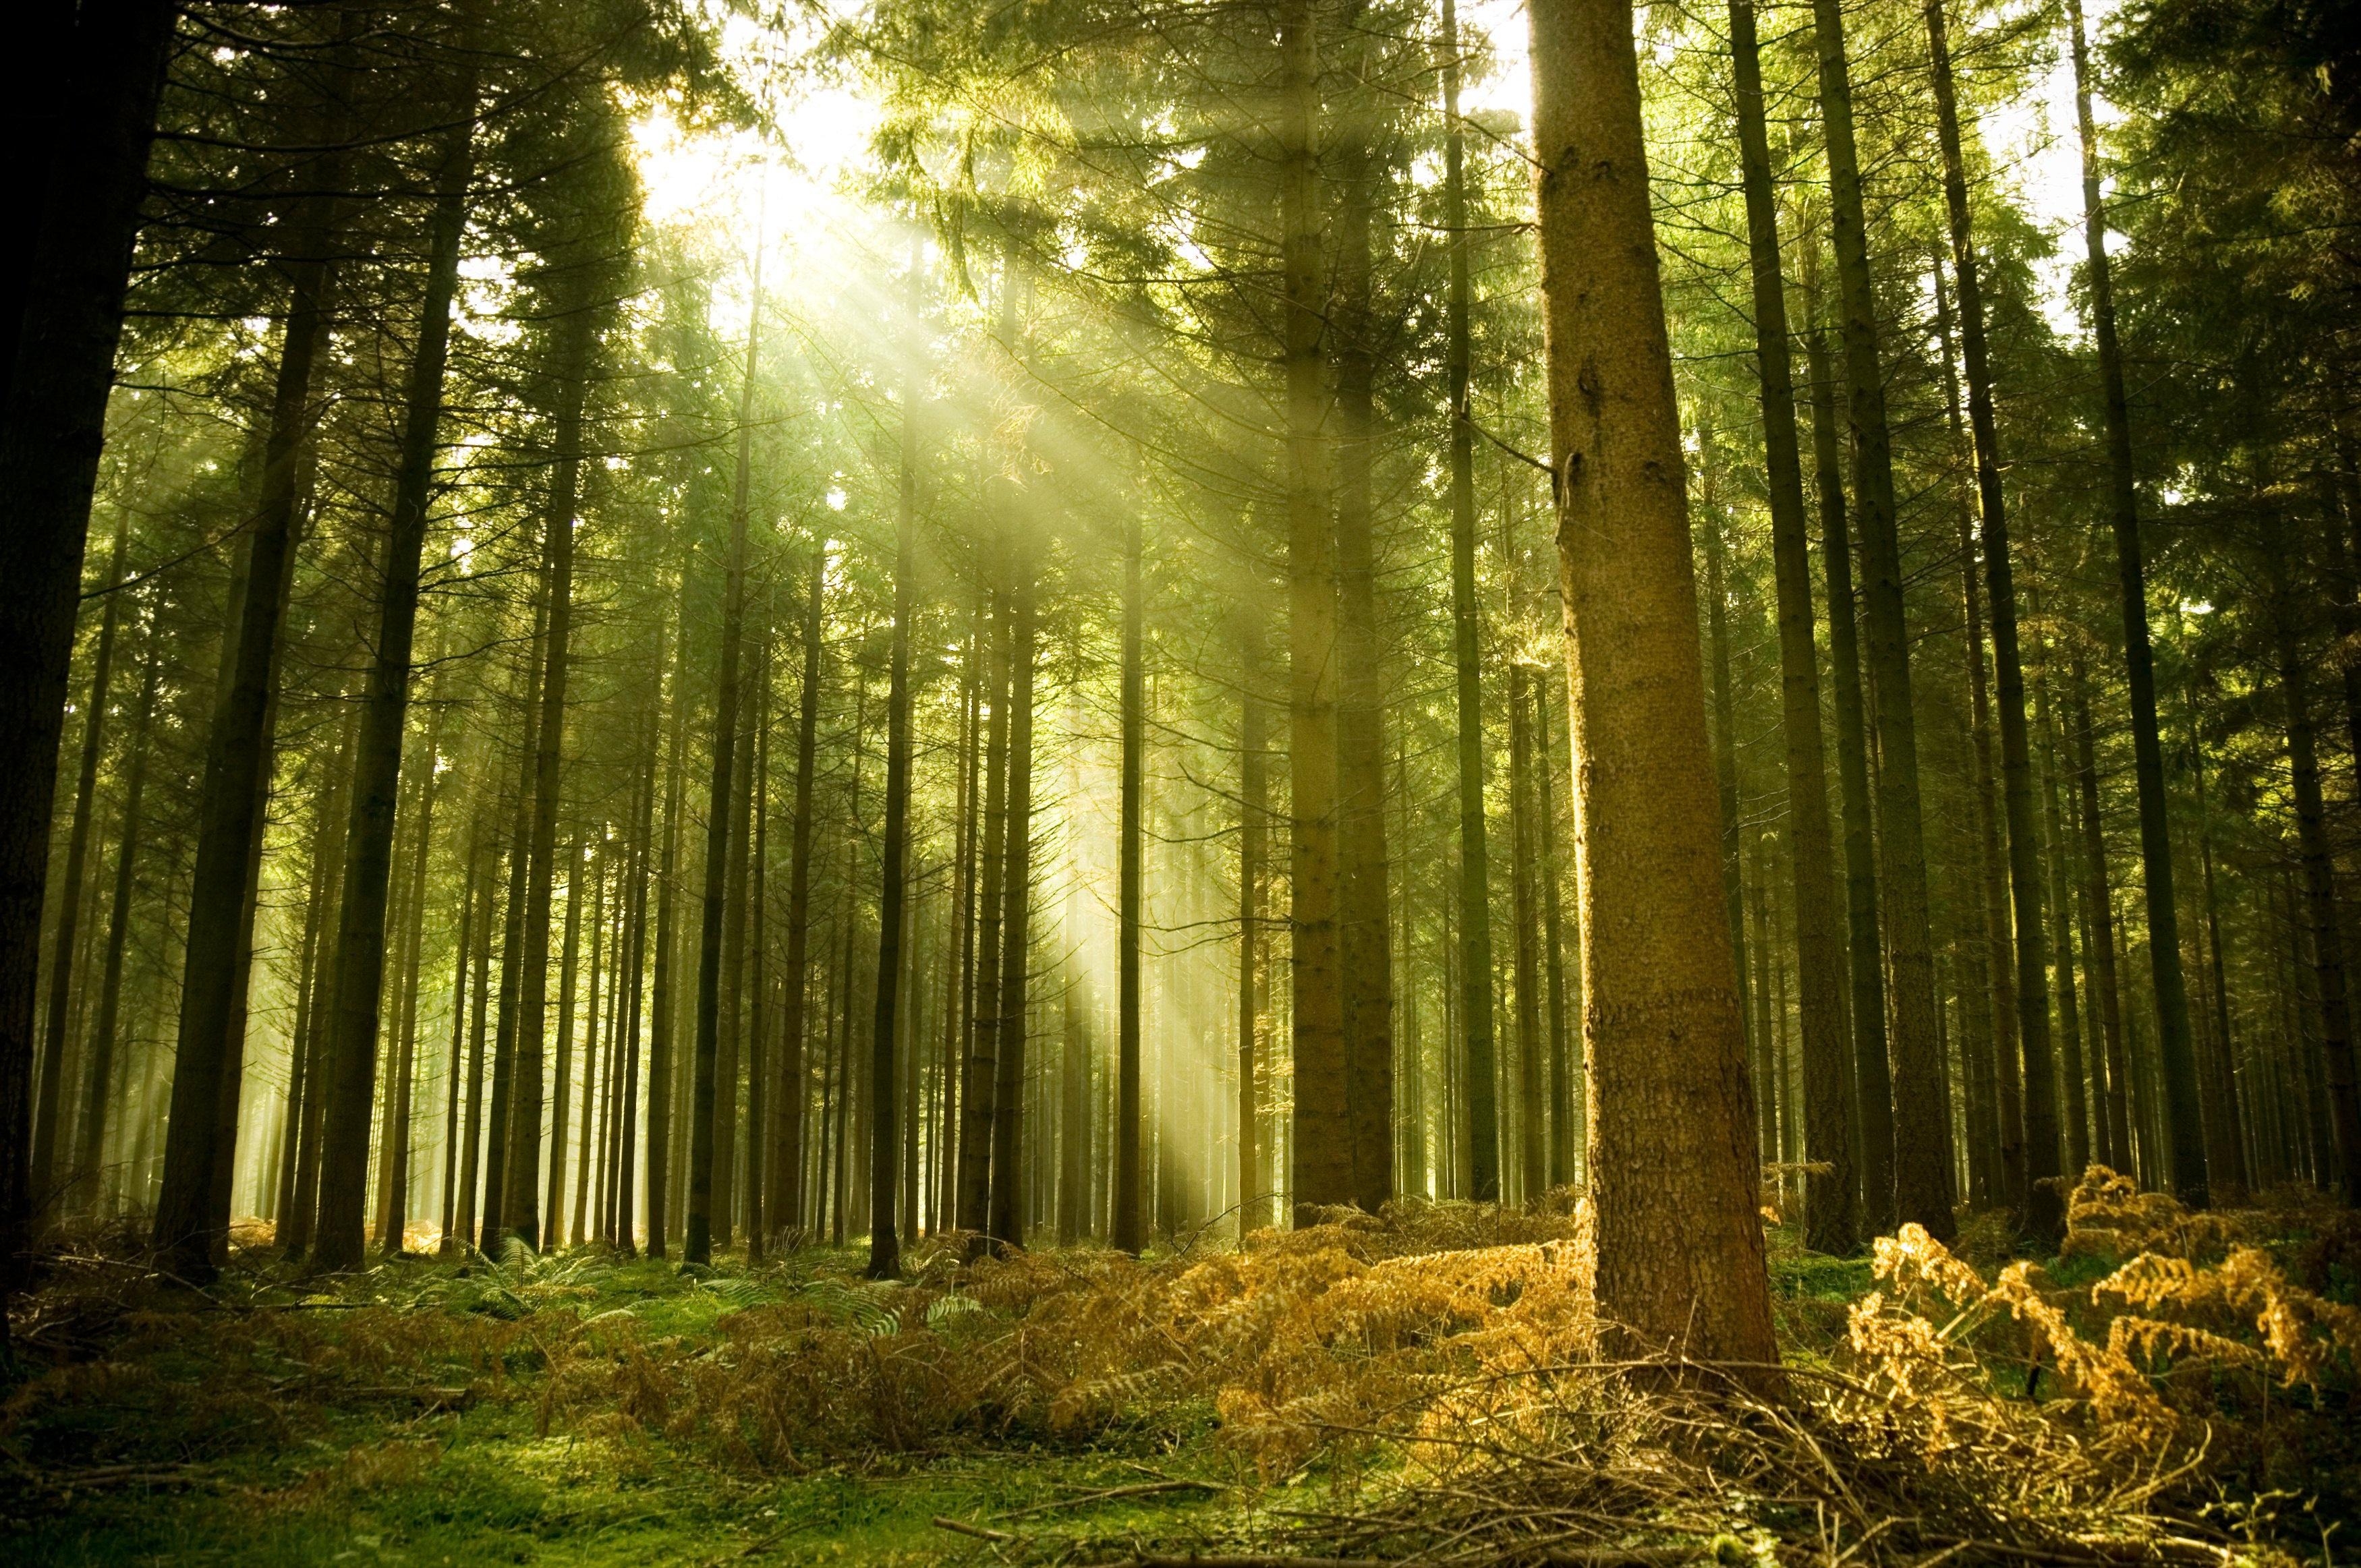 forest wallpaper sunshine